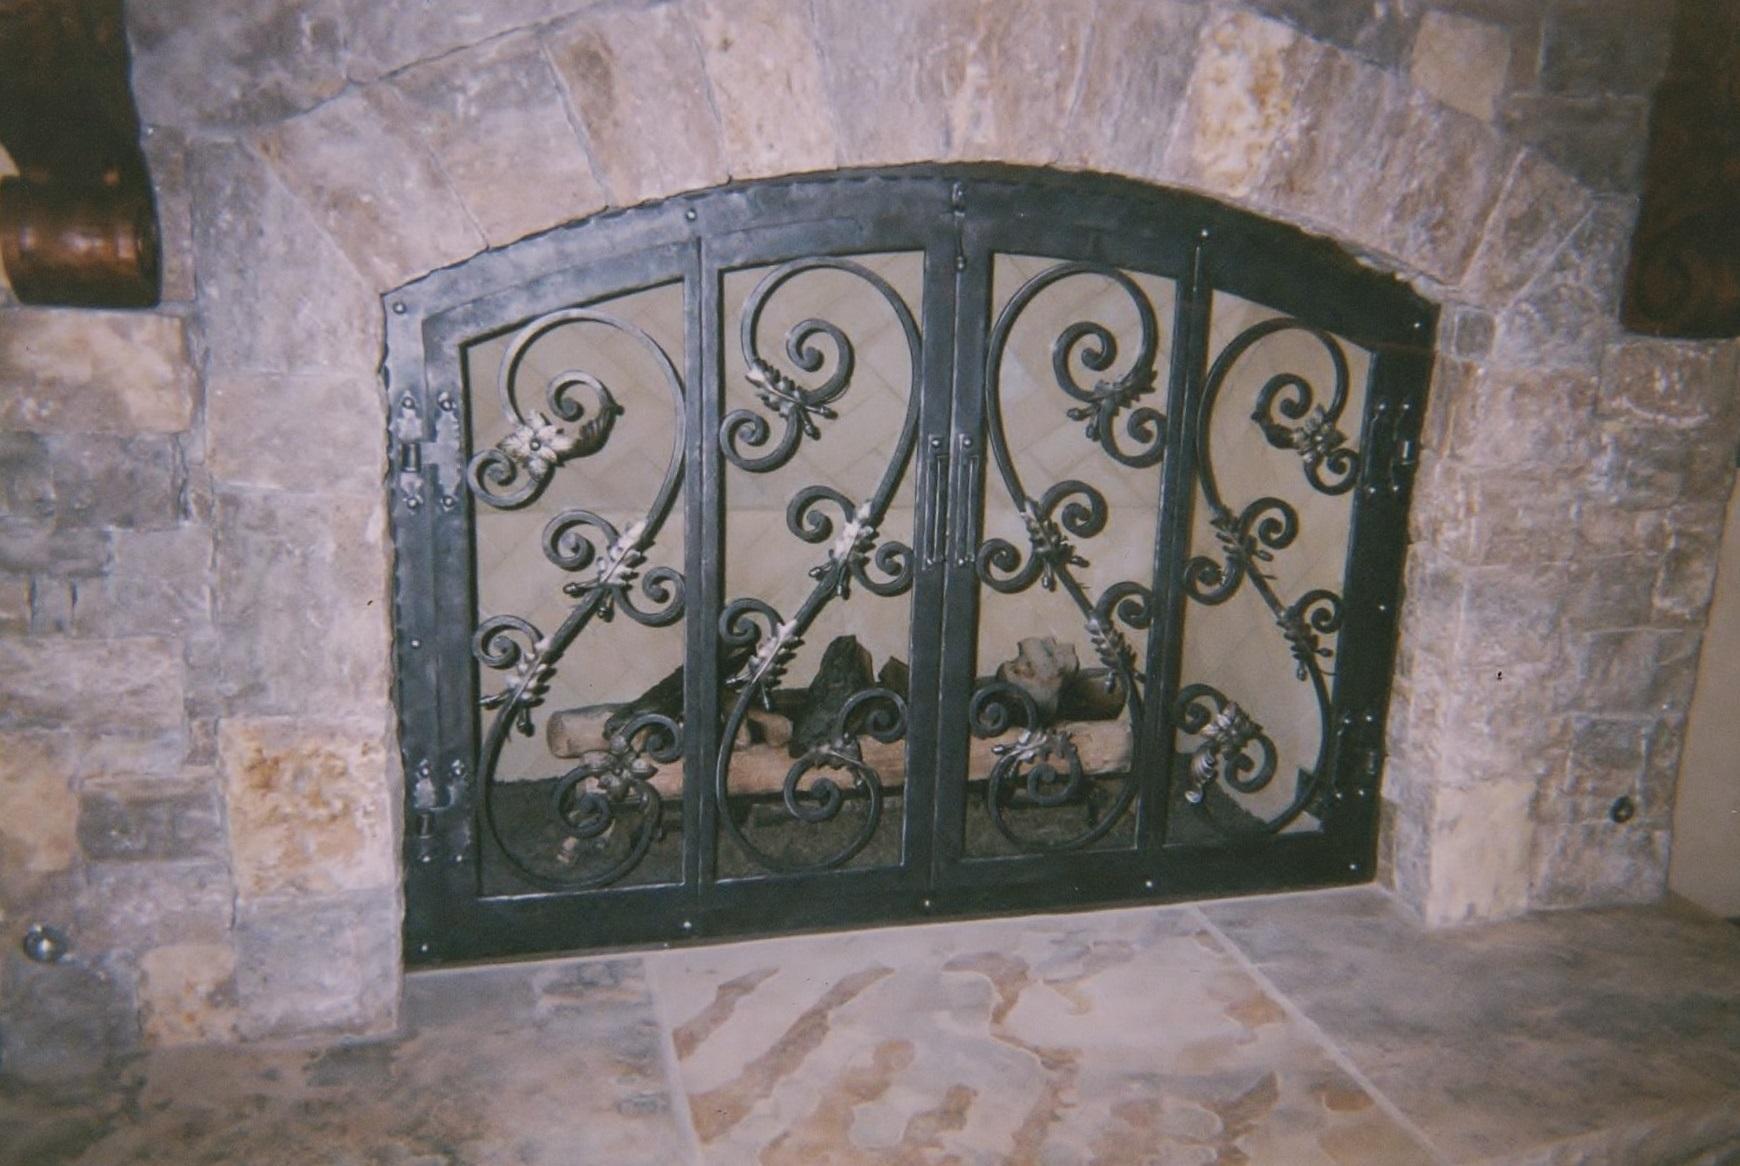 Fireplace doors, circa 2001